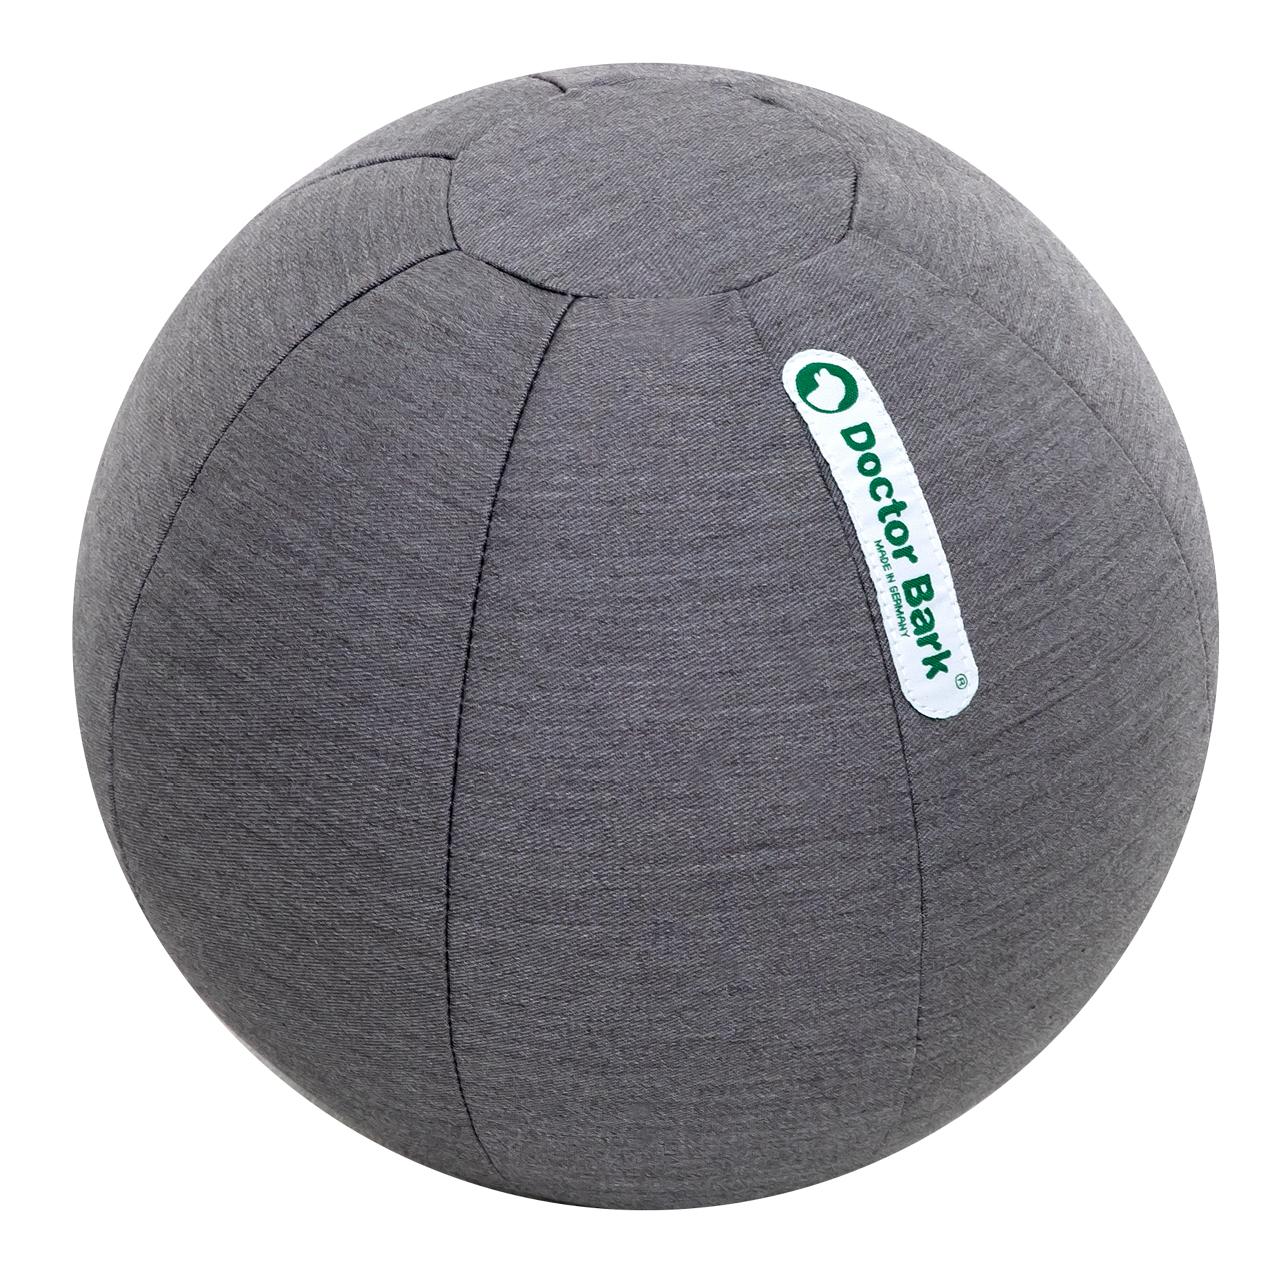 Toy Ball grau